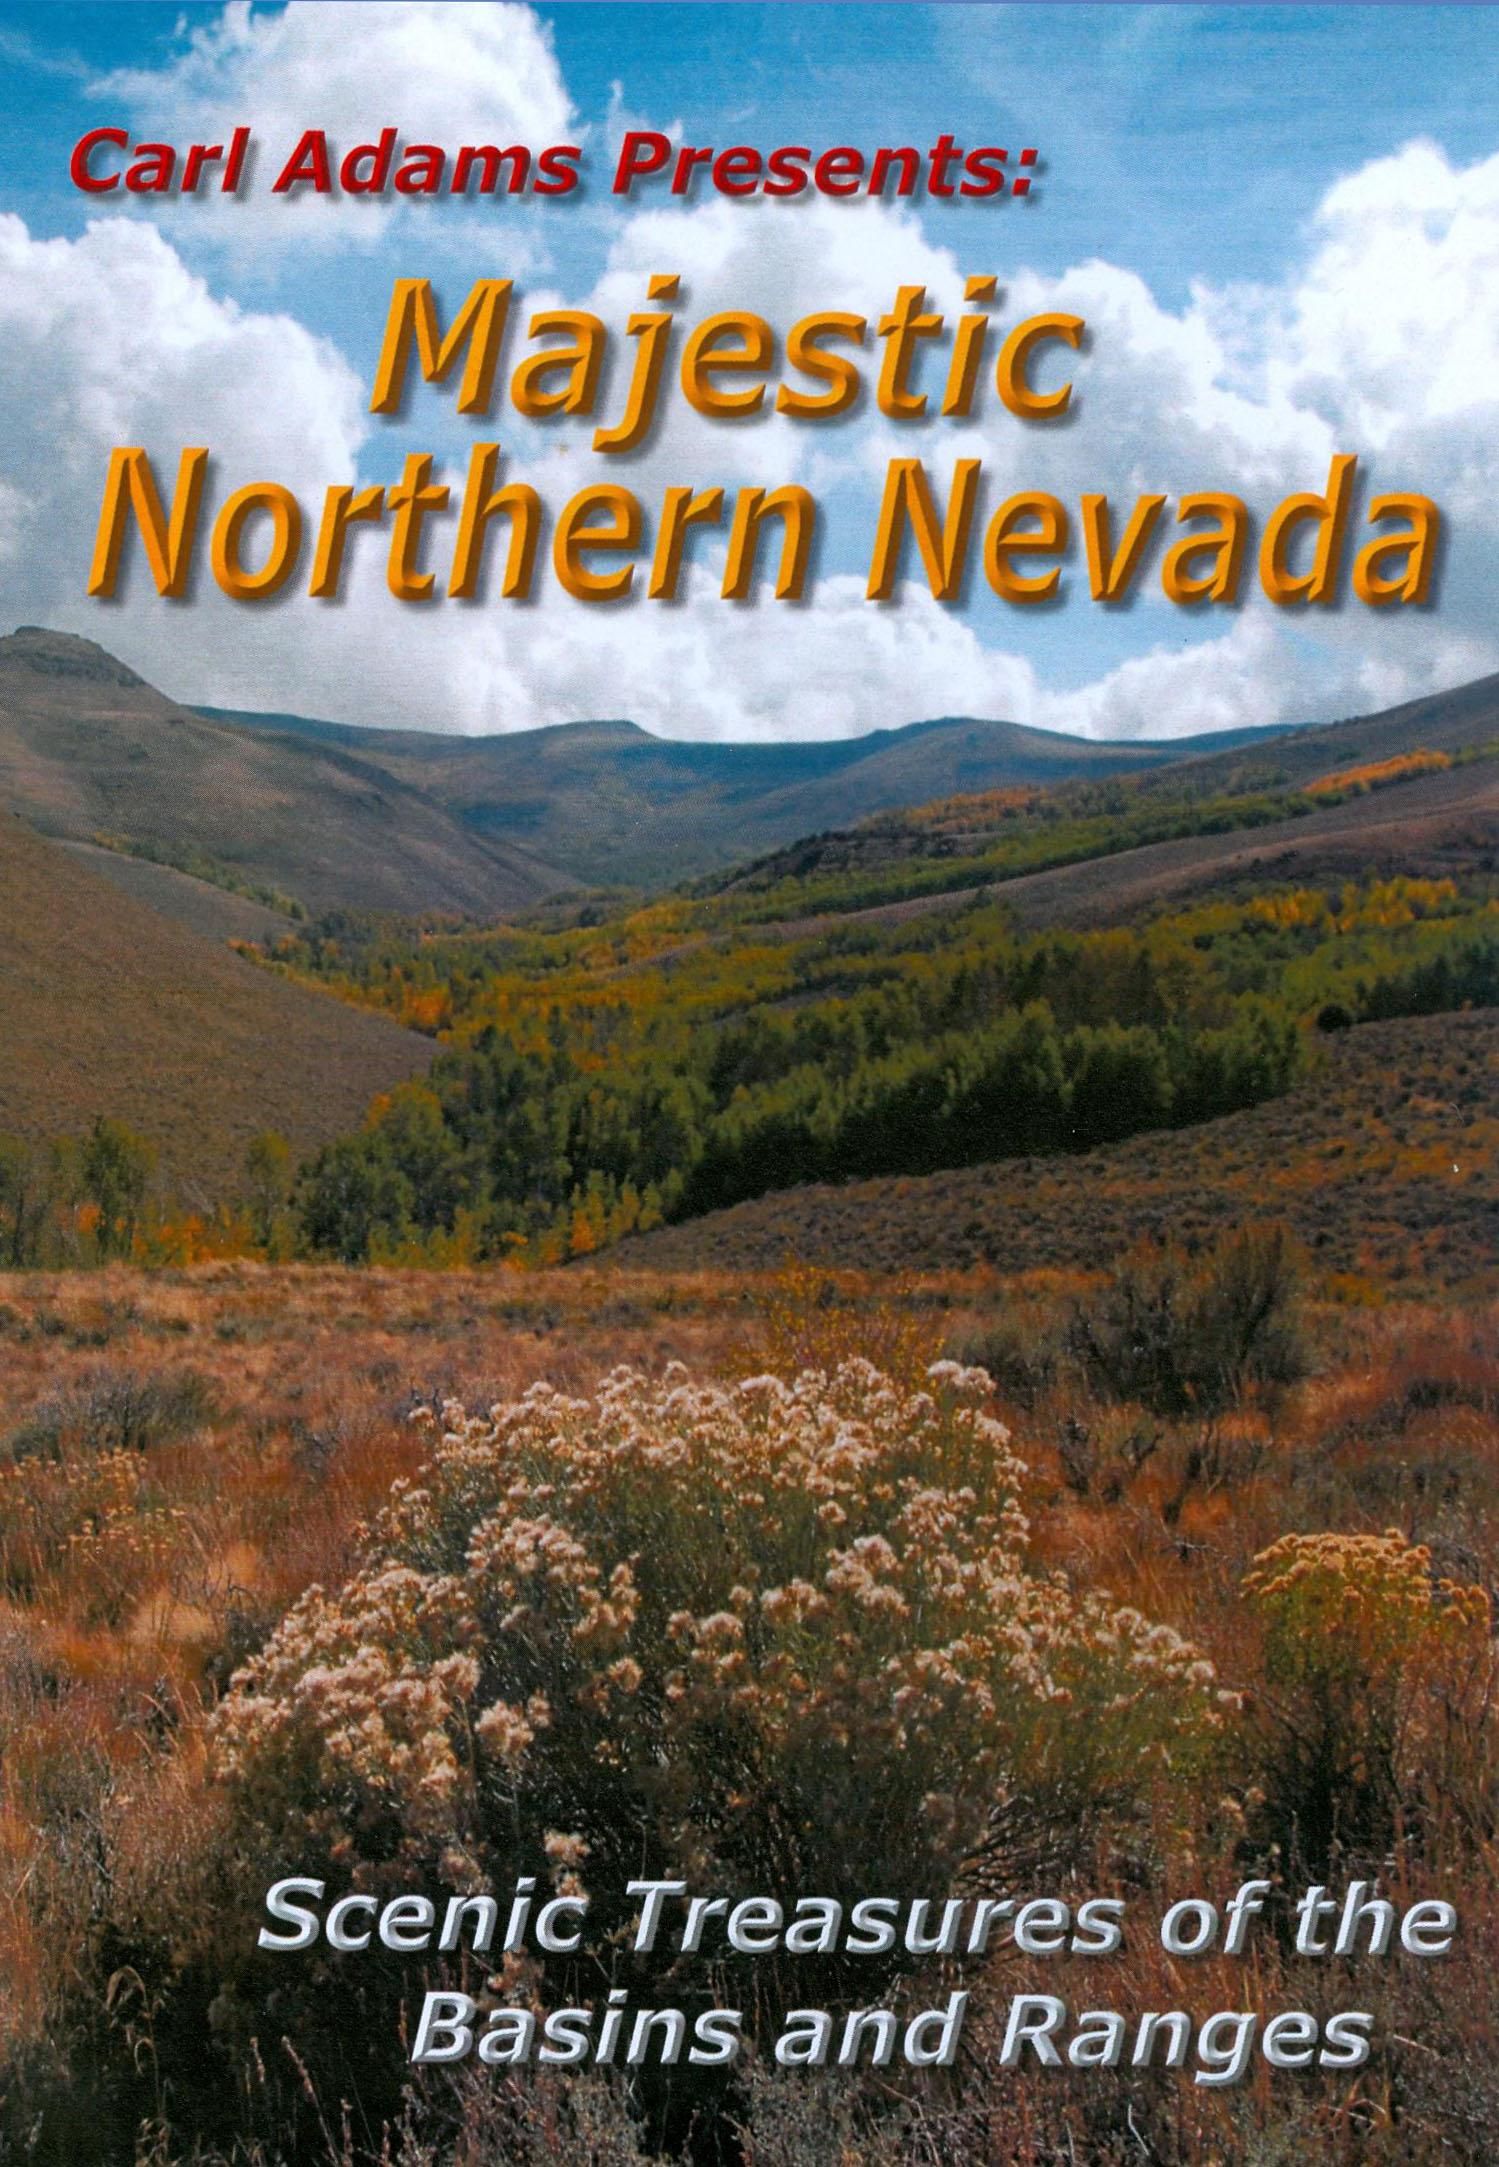 Majestic Northern Nevada